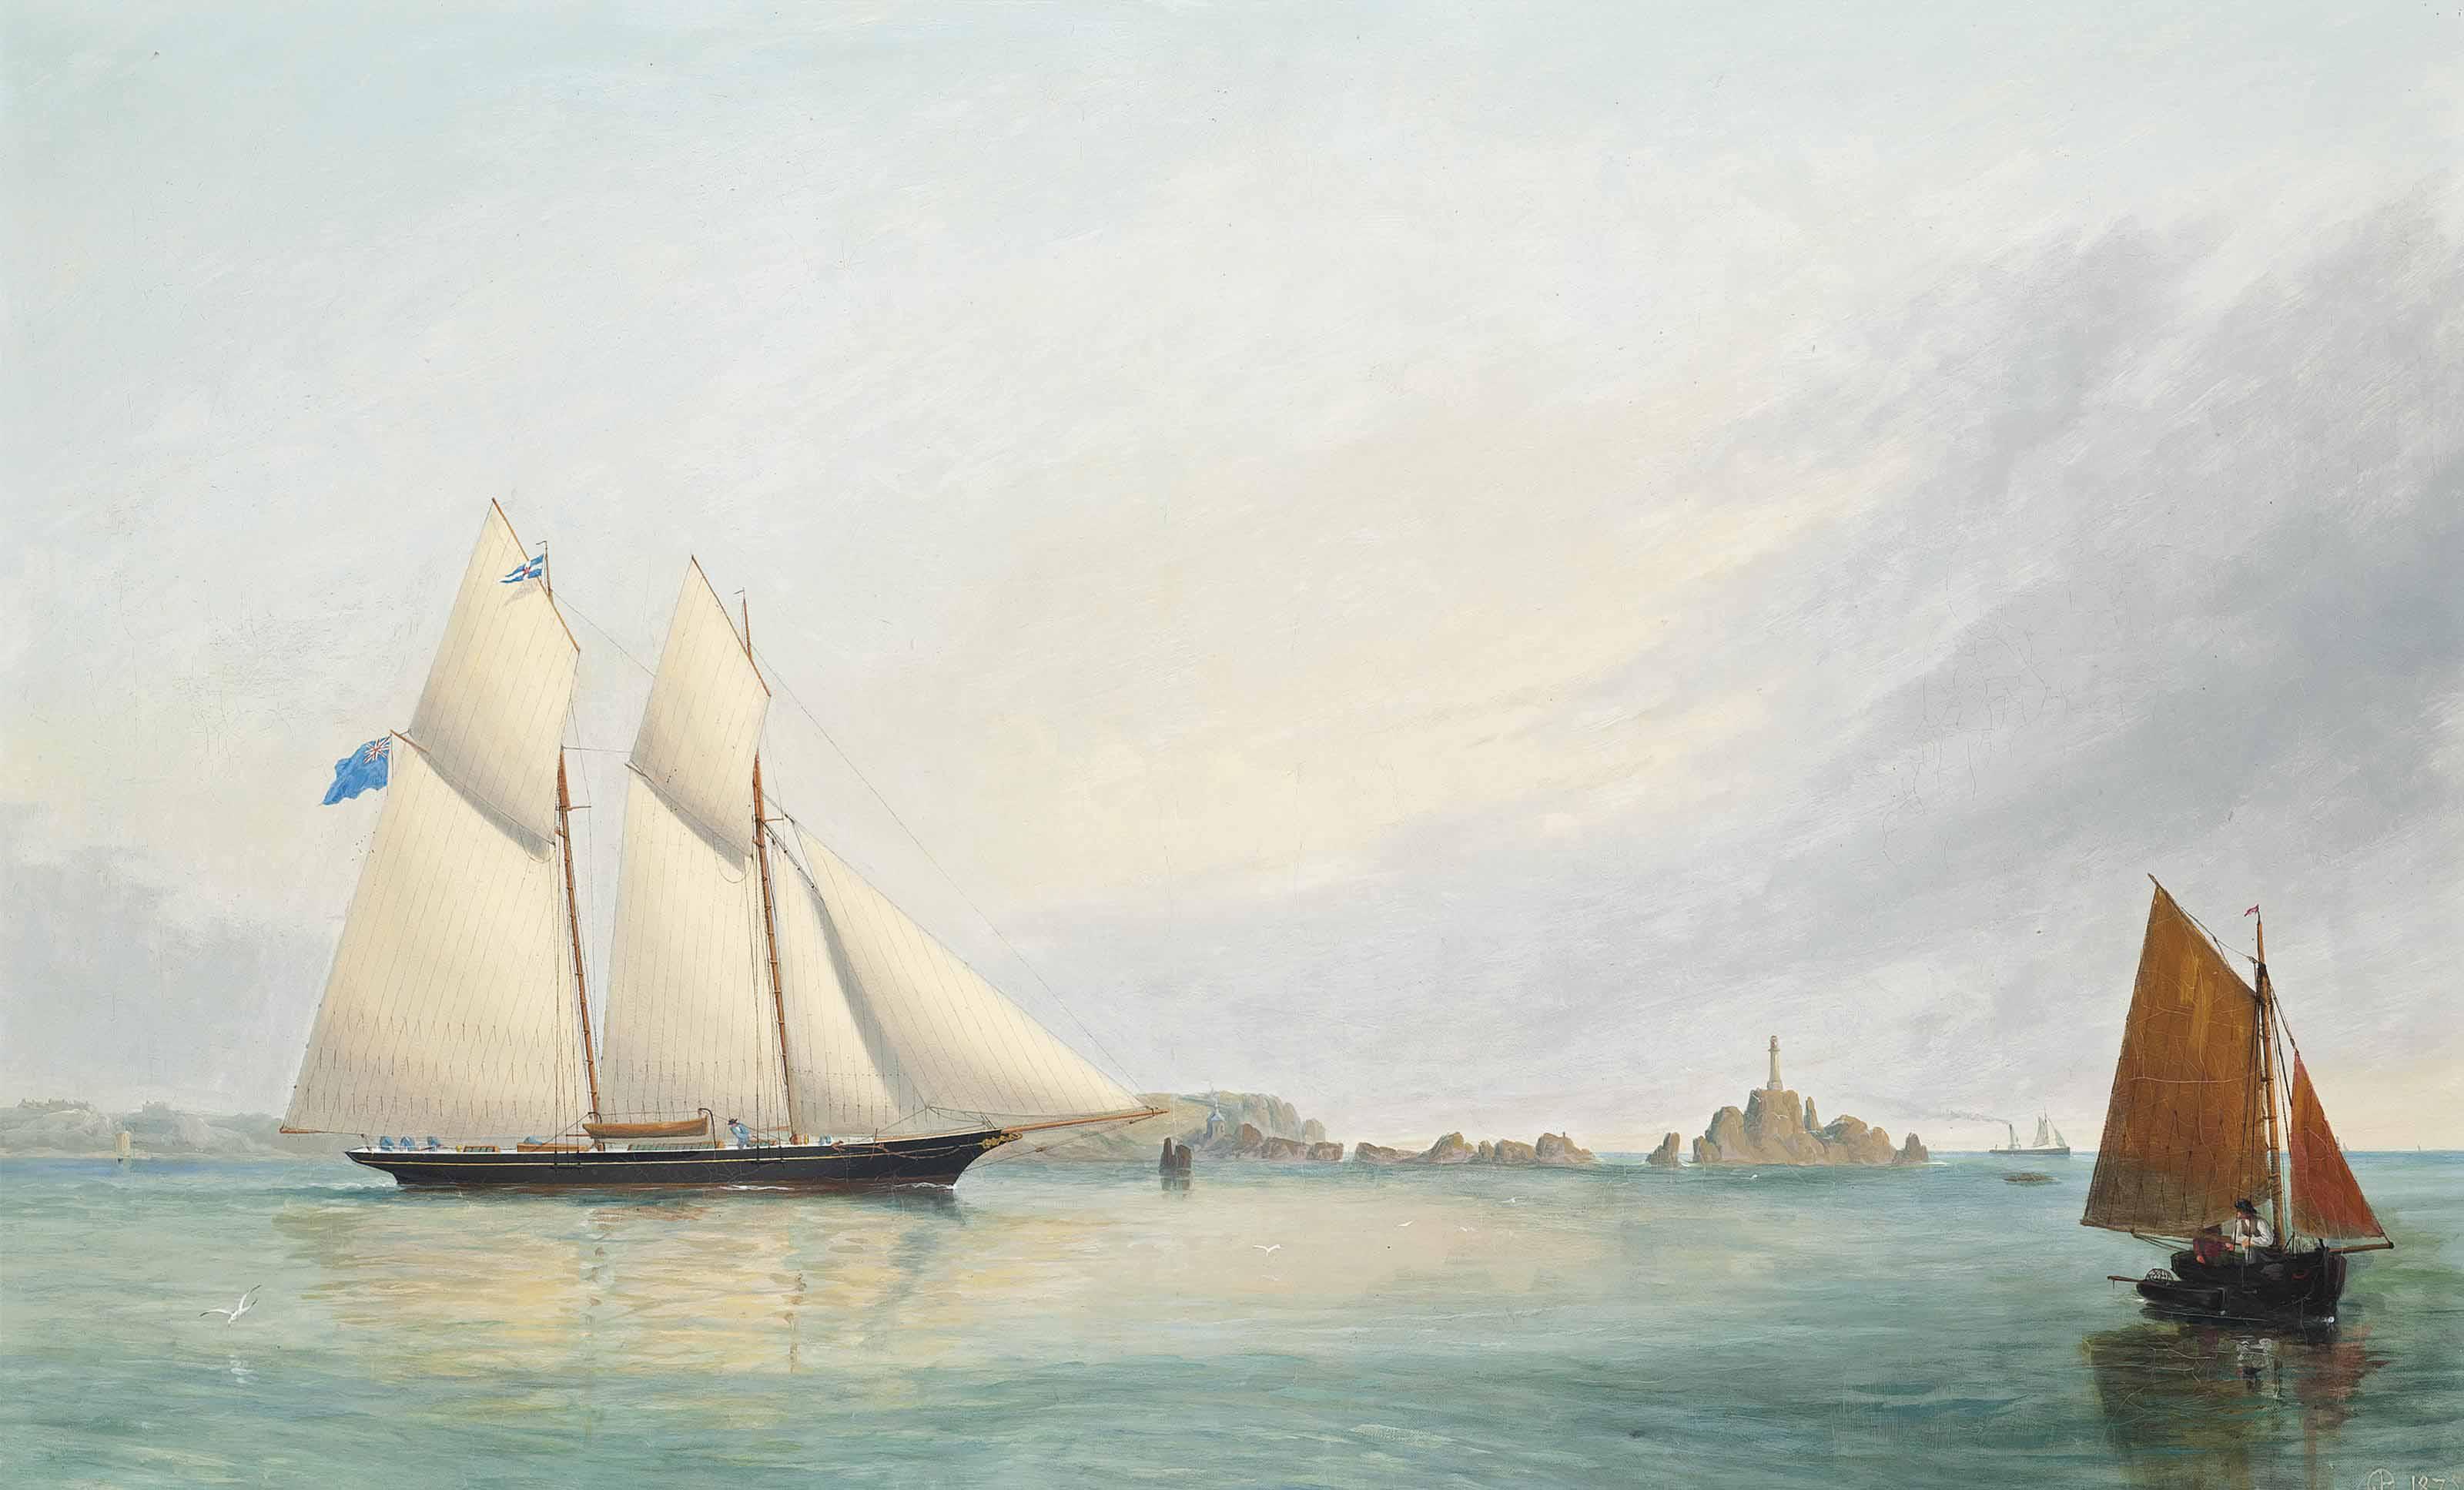 A Royal Thames Yacht Club schooner off La Corbière lighthouse, Jersey, Channel Islands